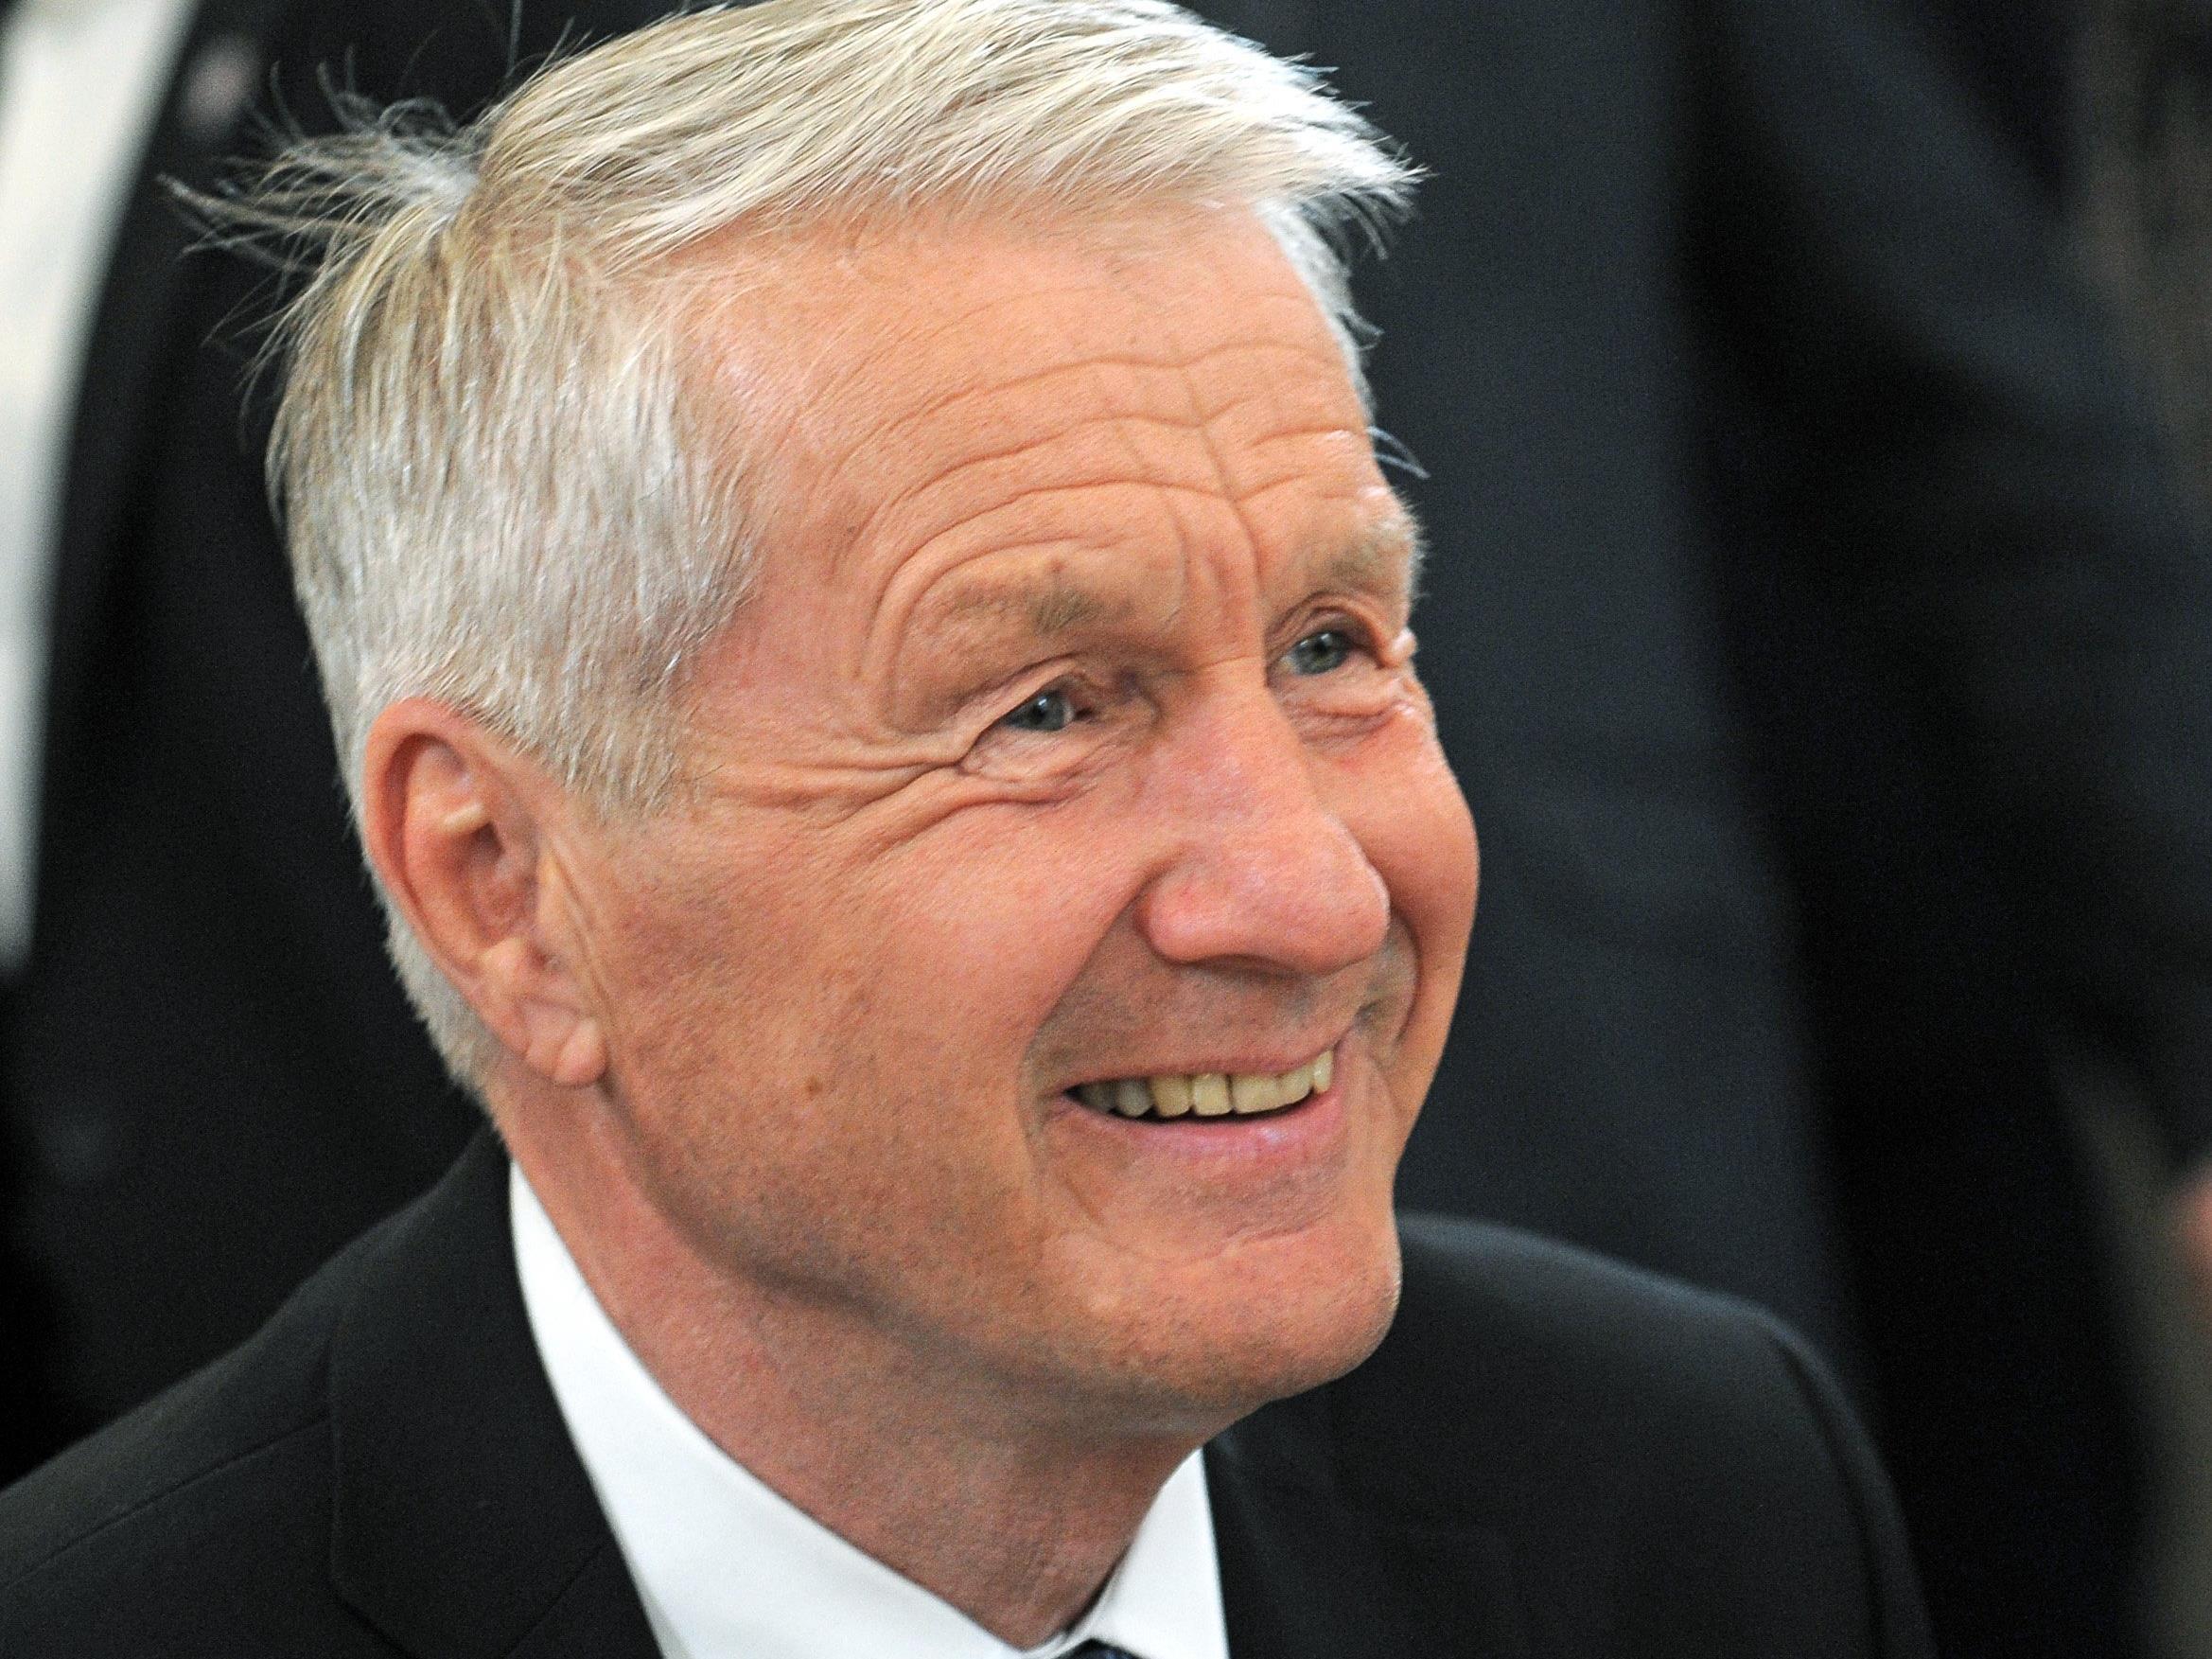 Der Generalsekretär des Europarates, Thorbjörn Jagland, mahnt einen besseren Schutz von Flüchtlingen in Europa an.